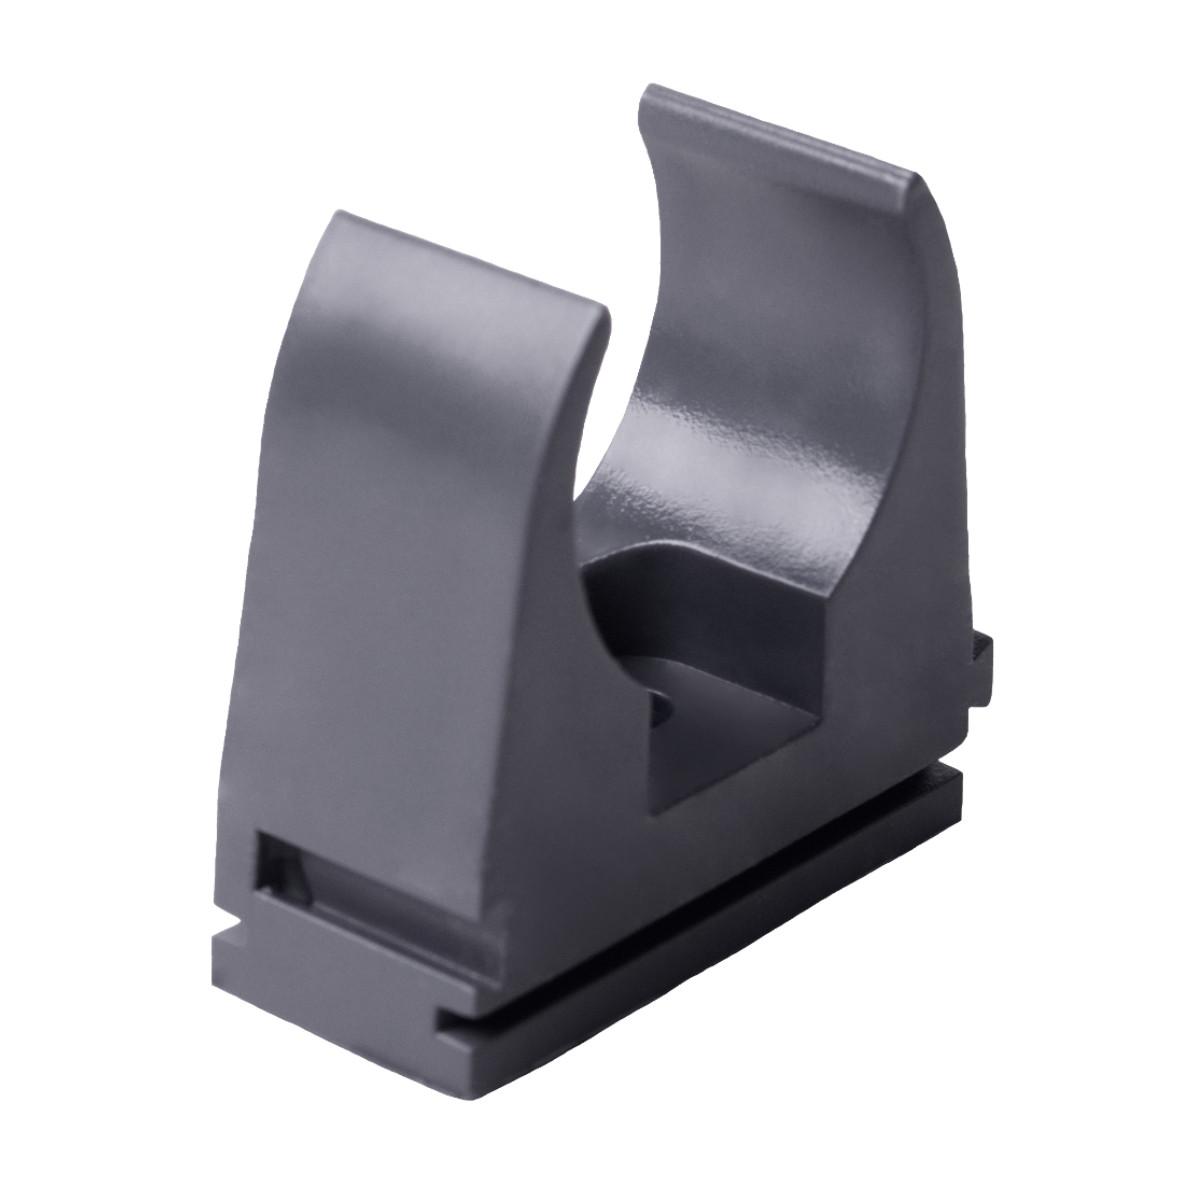 Кріплення труби 25 мм ; Ø25мм; ПВХ;; t застосування -25+60 °с; темно-сіра; Упаковка 10 шт